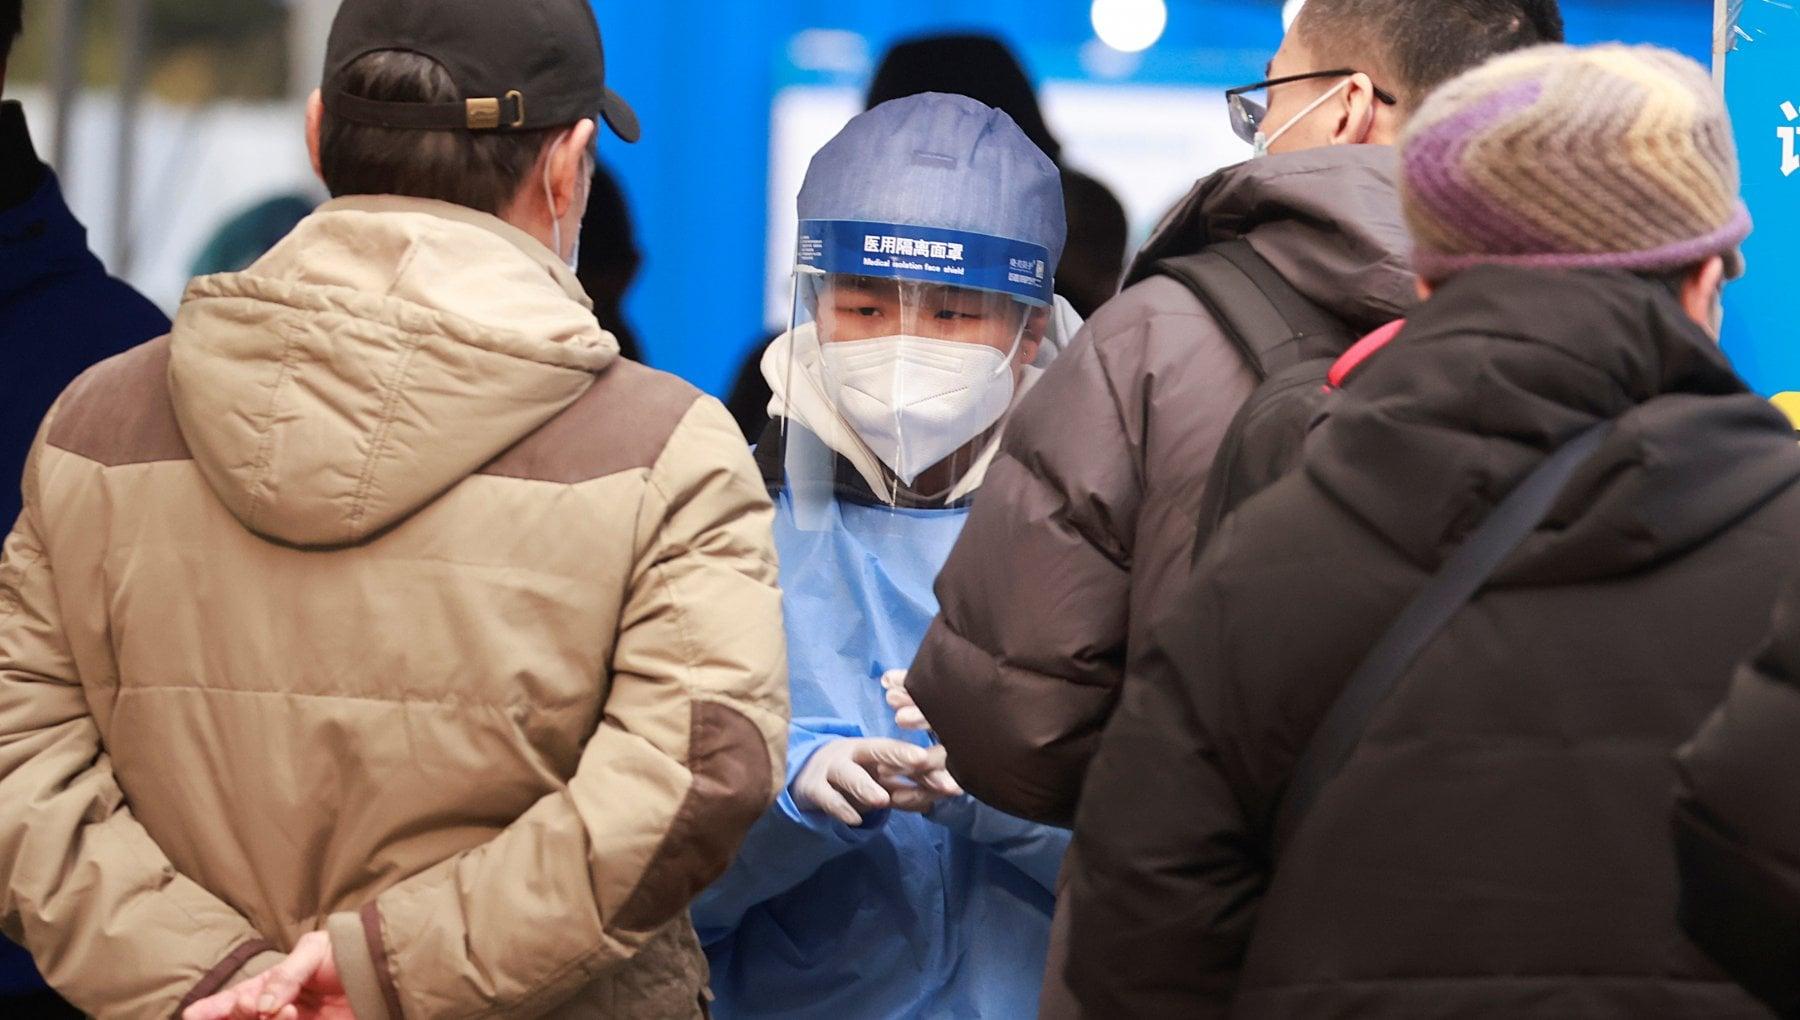 070147673 d460f562 c572 4c4d 8532 8dfbe978a521 - Coronavirus nel mondo: oltre 45 milioni di guariti, ma il contagio non frena. Il Sudafrica supera il milione di casi